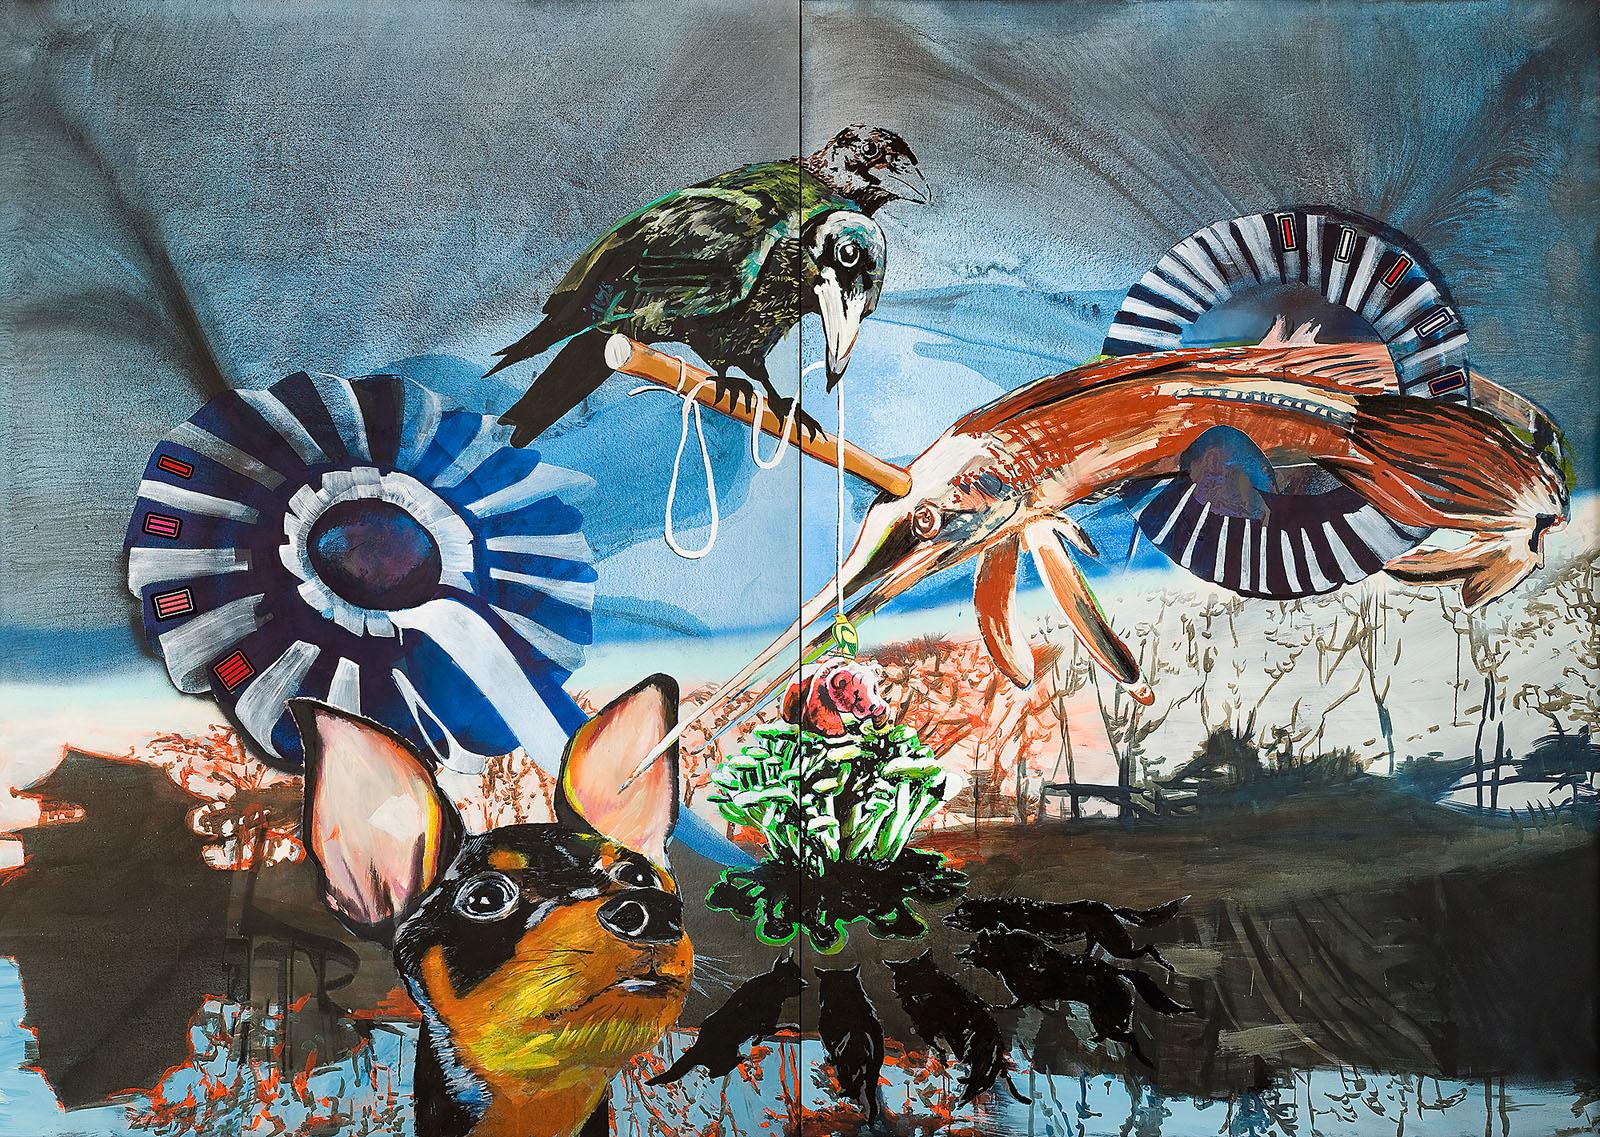 """o.T. aus """"Krähen Kommen"""", 2008, 270 x 380 cm, 2-teilig, Mischtechnik & Applikationen auf Leinwand"""